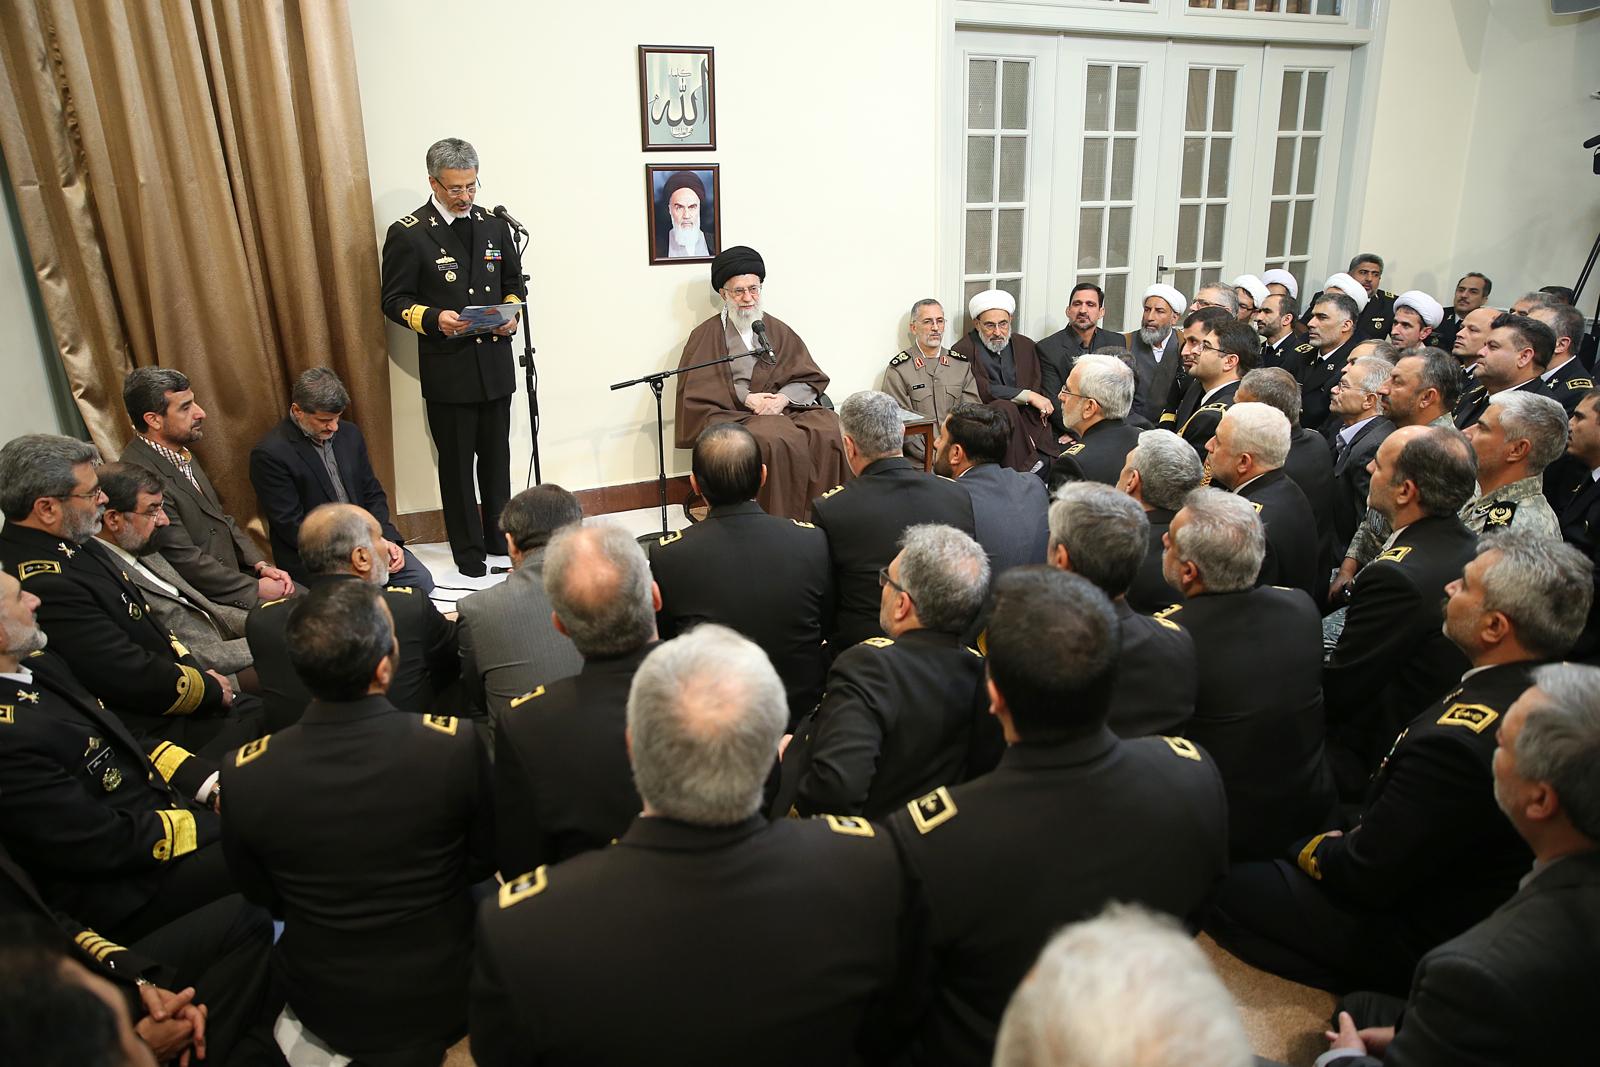 بیانات رهبر انقلاب در دیدار فرماندهان و مسئولان نیروی دریایی ارتش